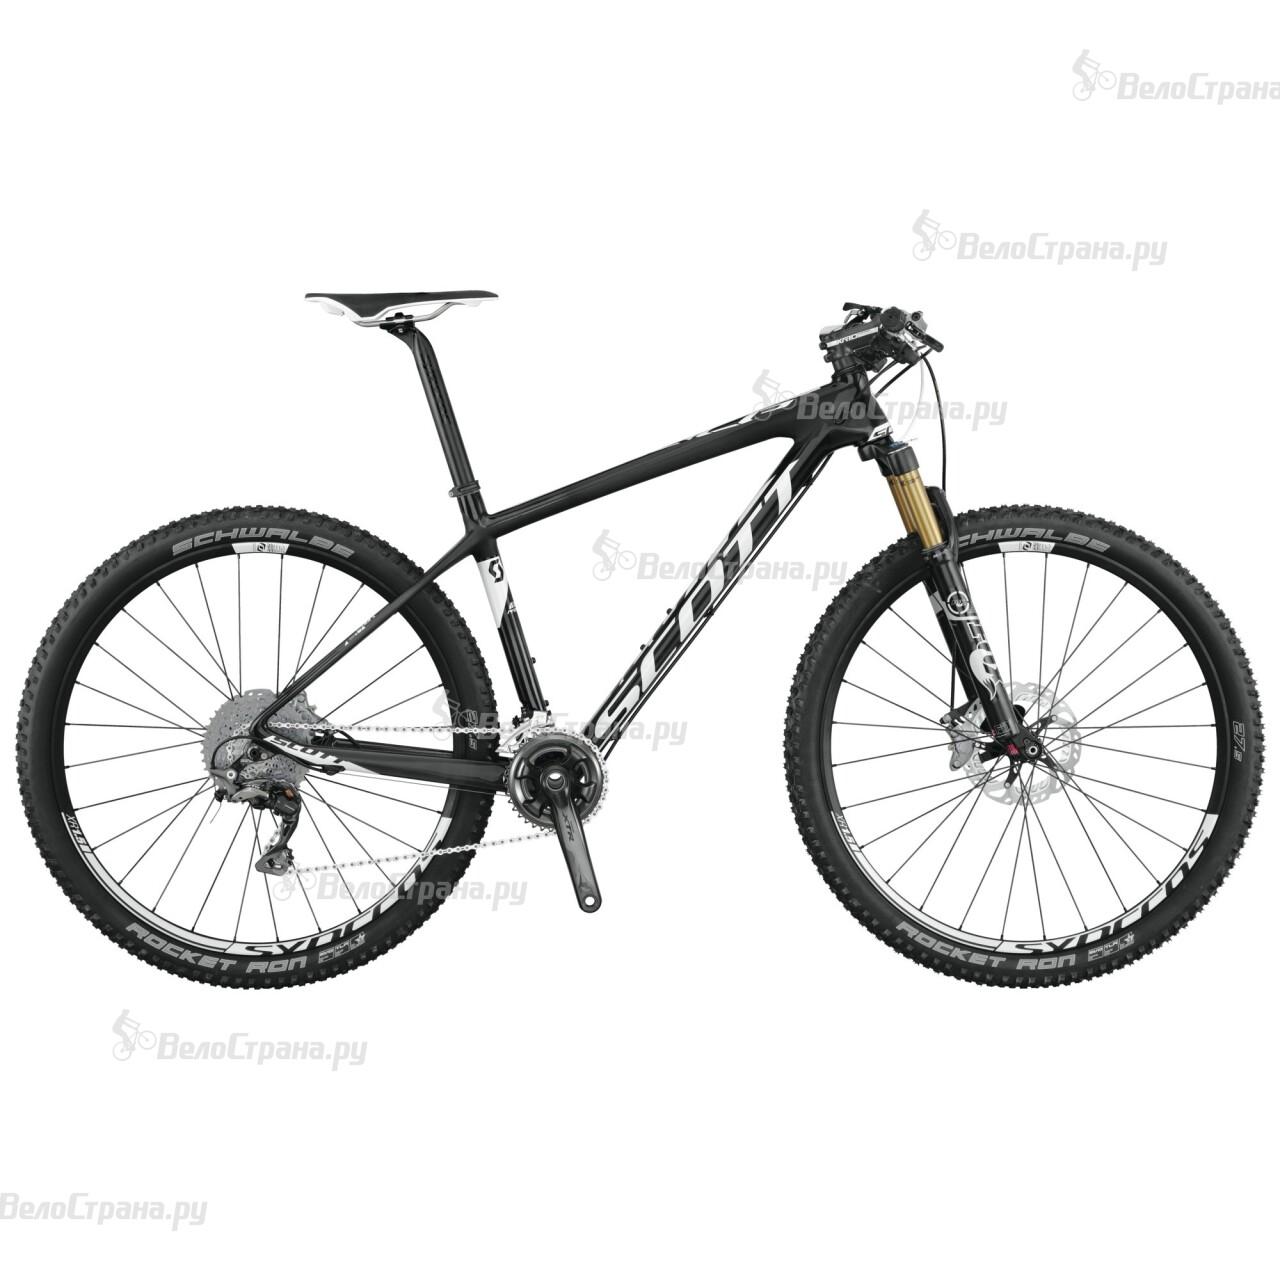 все цены на Велосипед Scott Scale 700 Premium (2015) онлайн